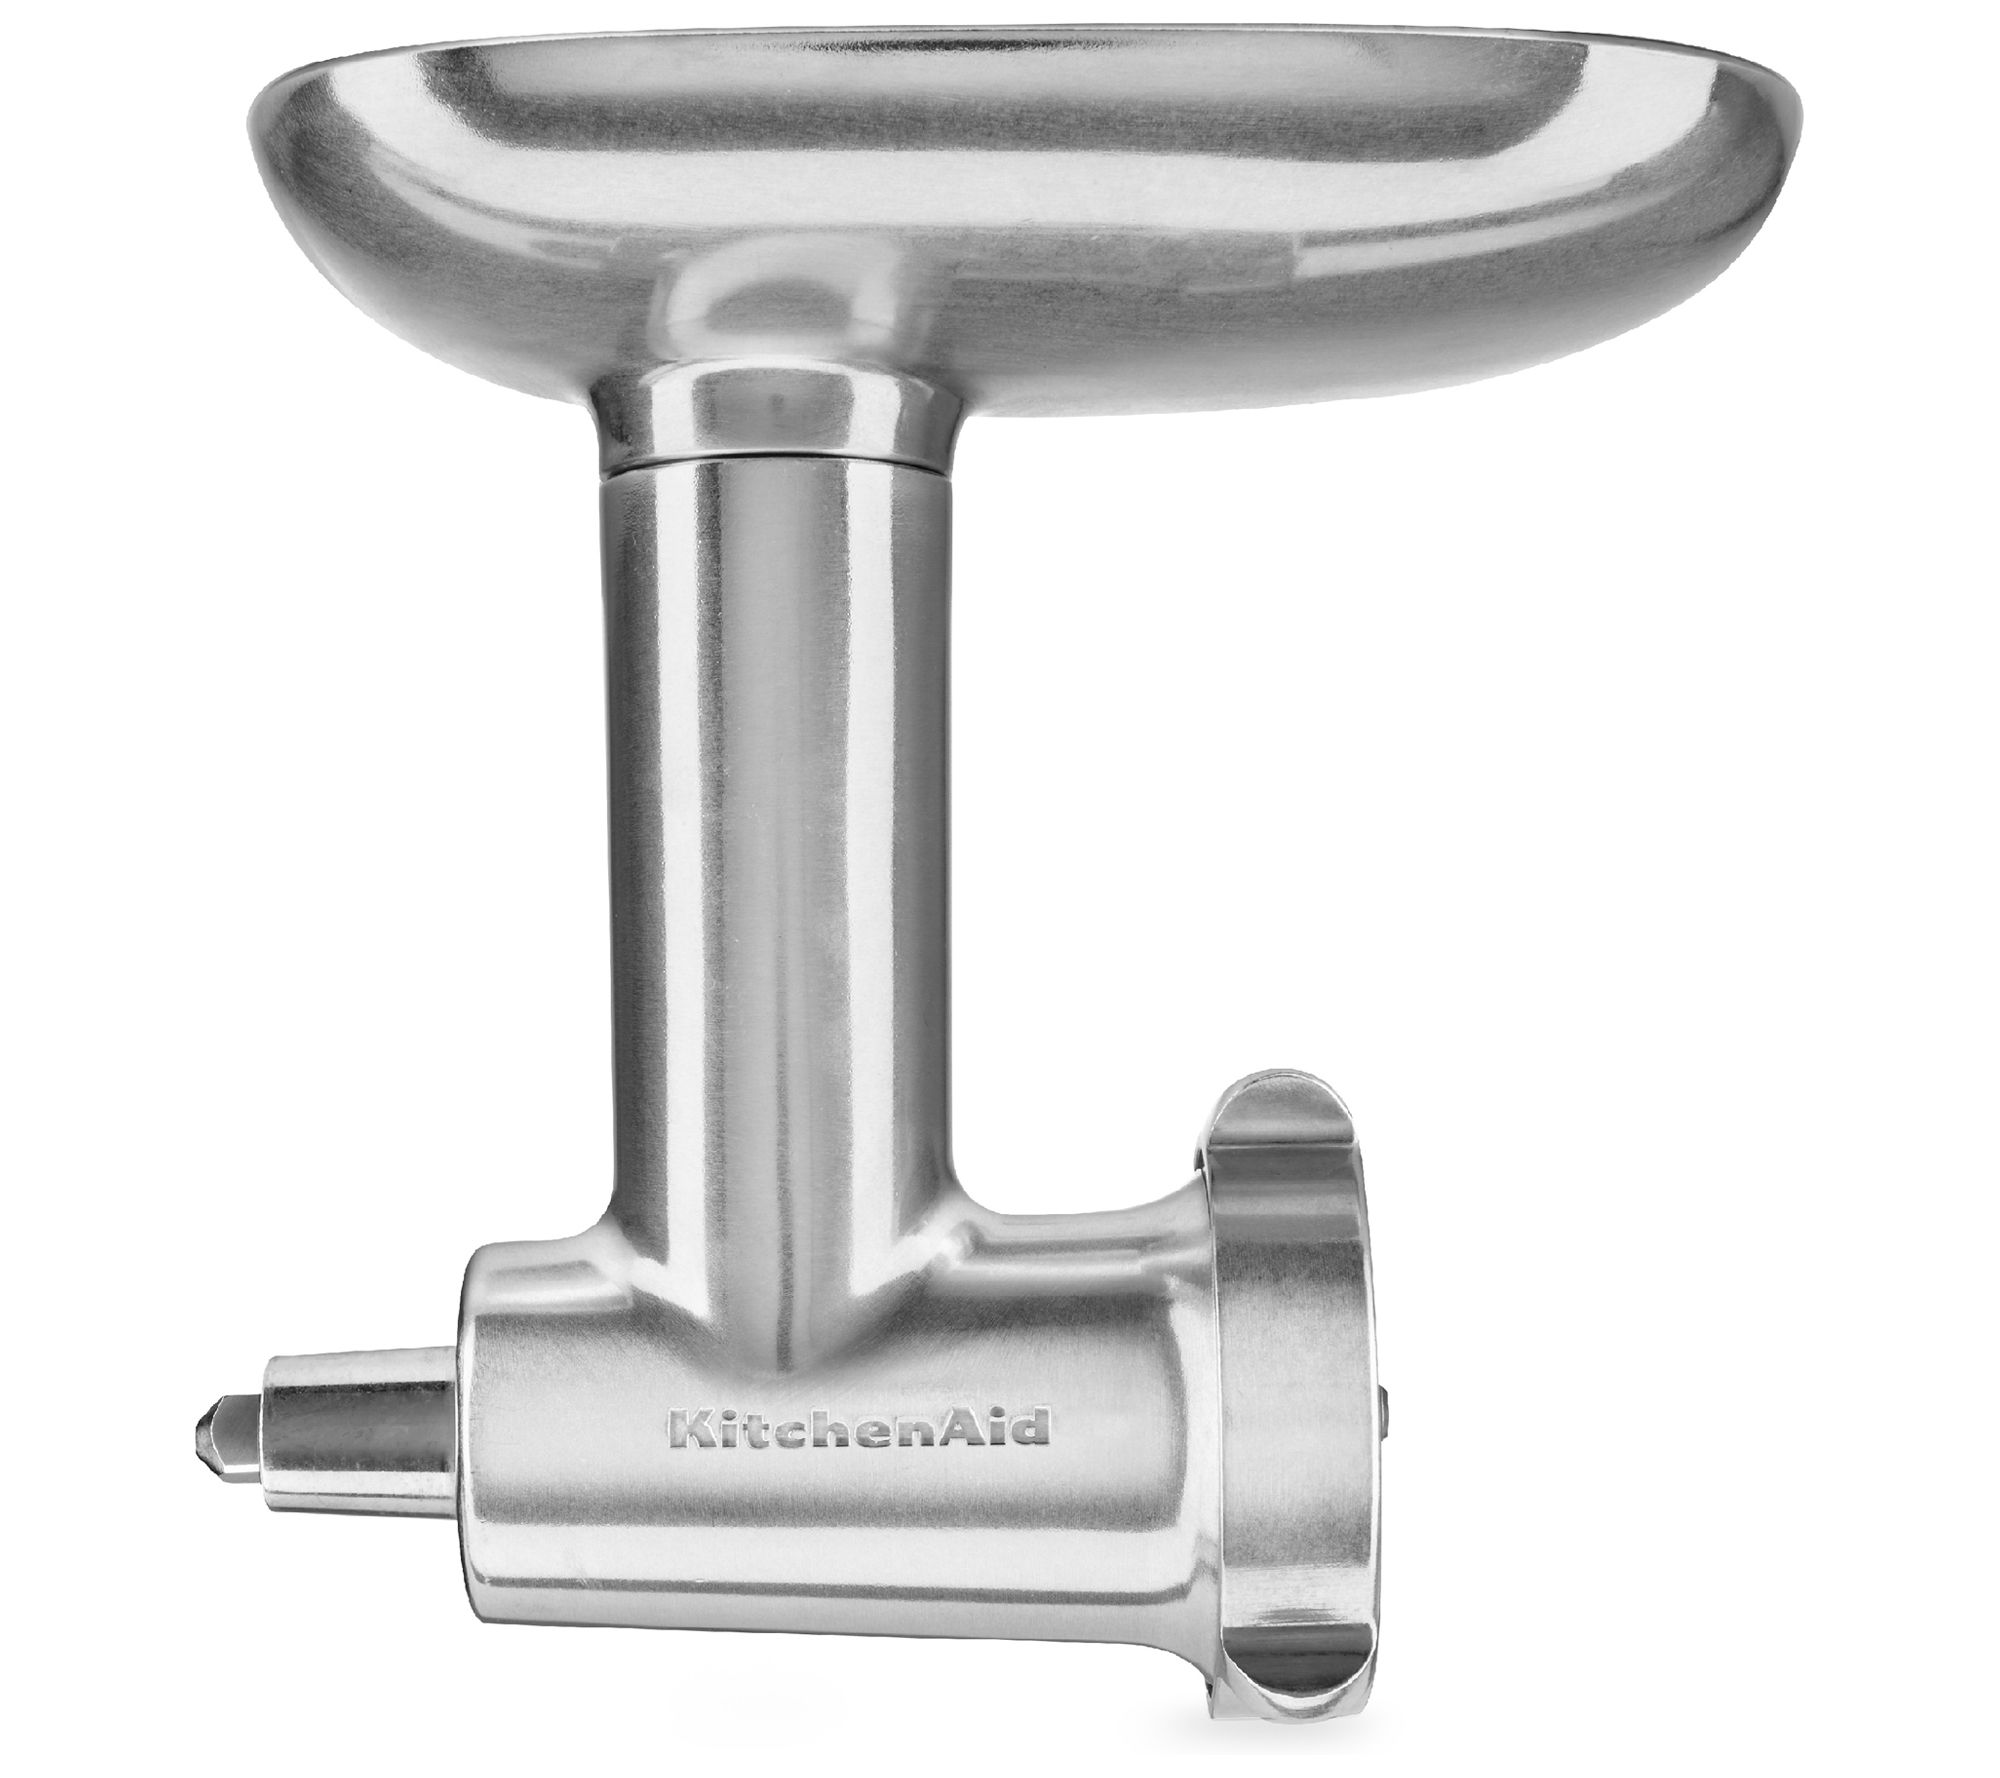 KitchenAid Metal Food Grinder Attachment — QVC.com